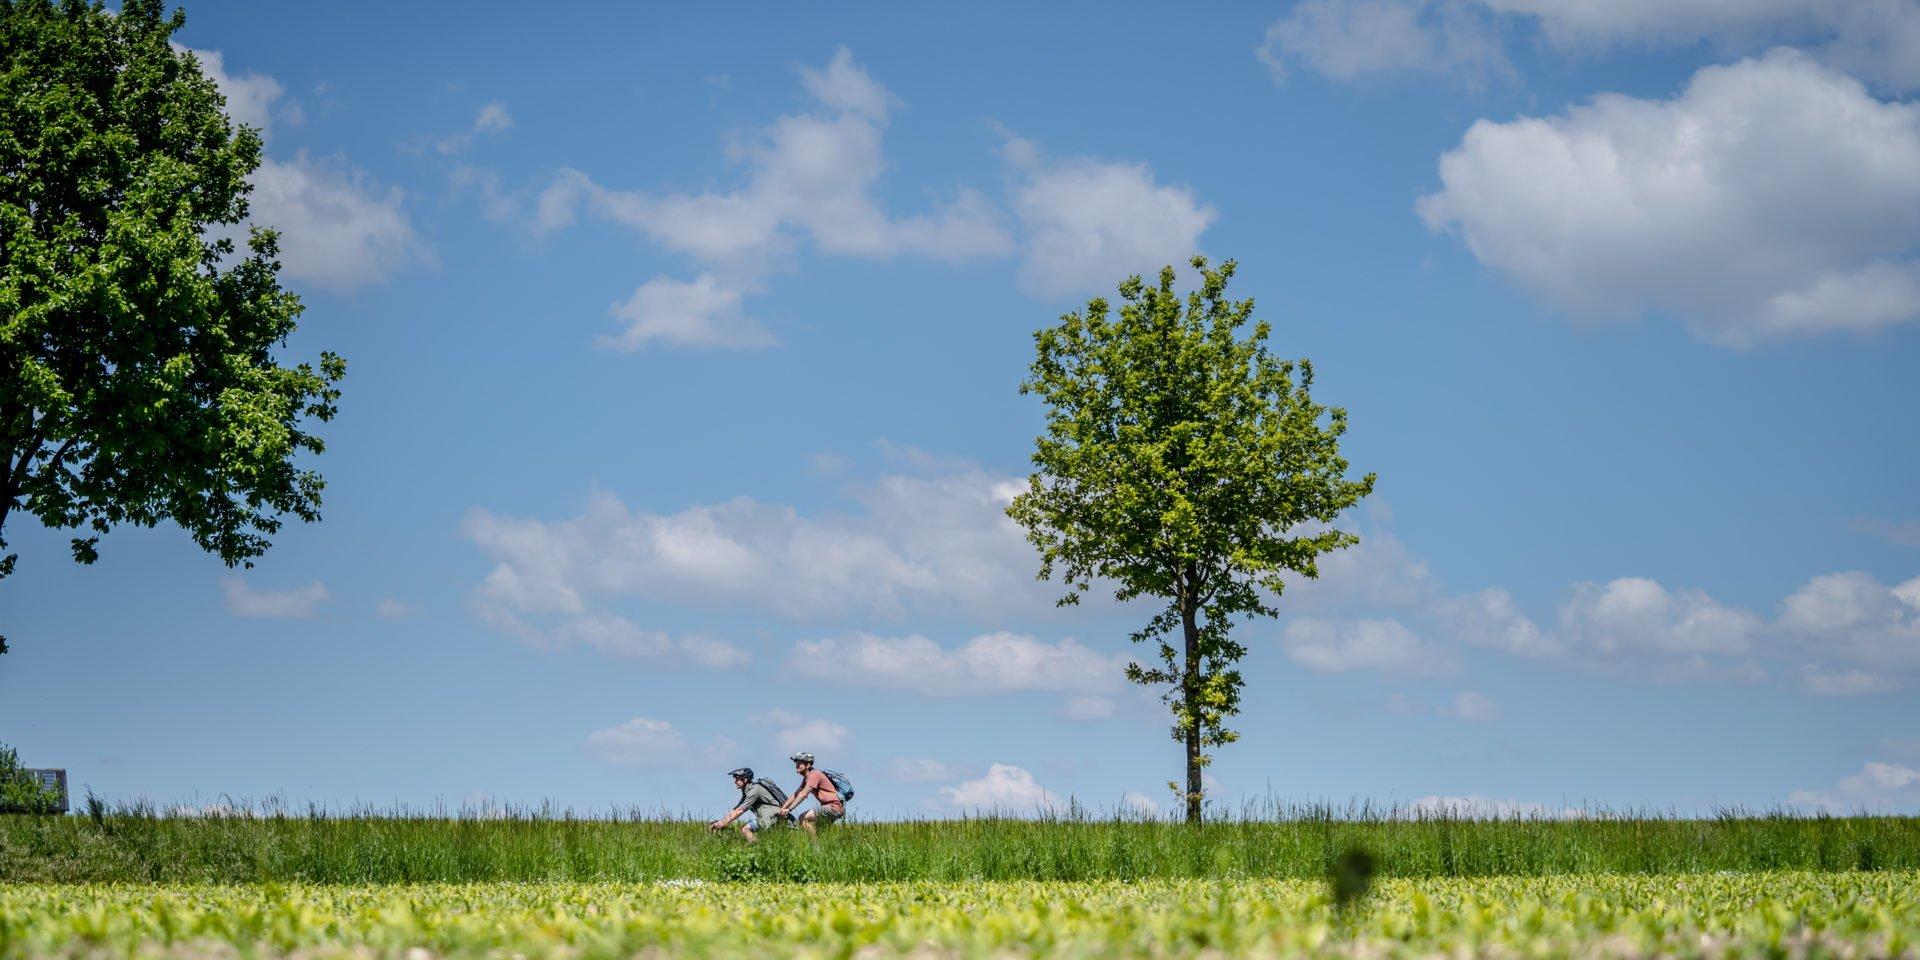 Radtour zwischen Feldern im Muensterland auf Hohe Mark RadRoute